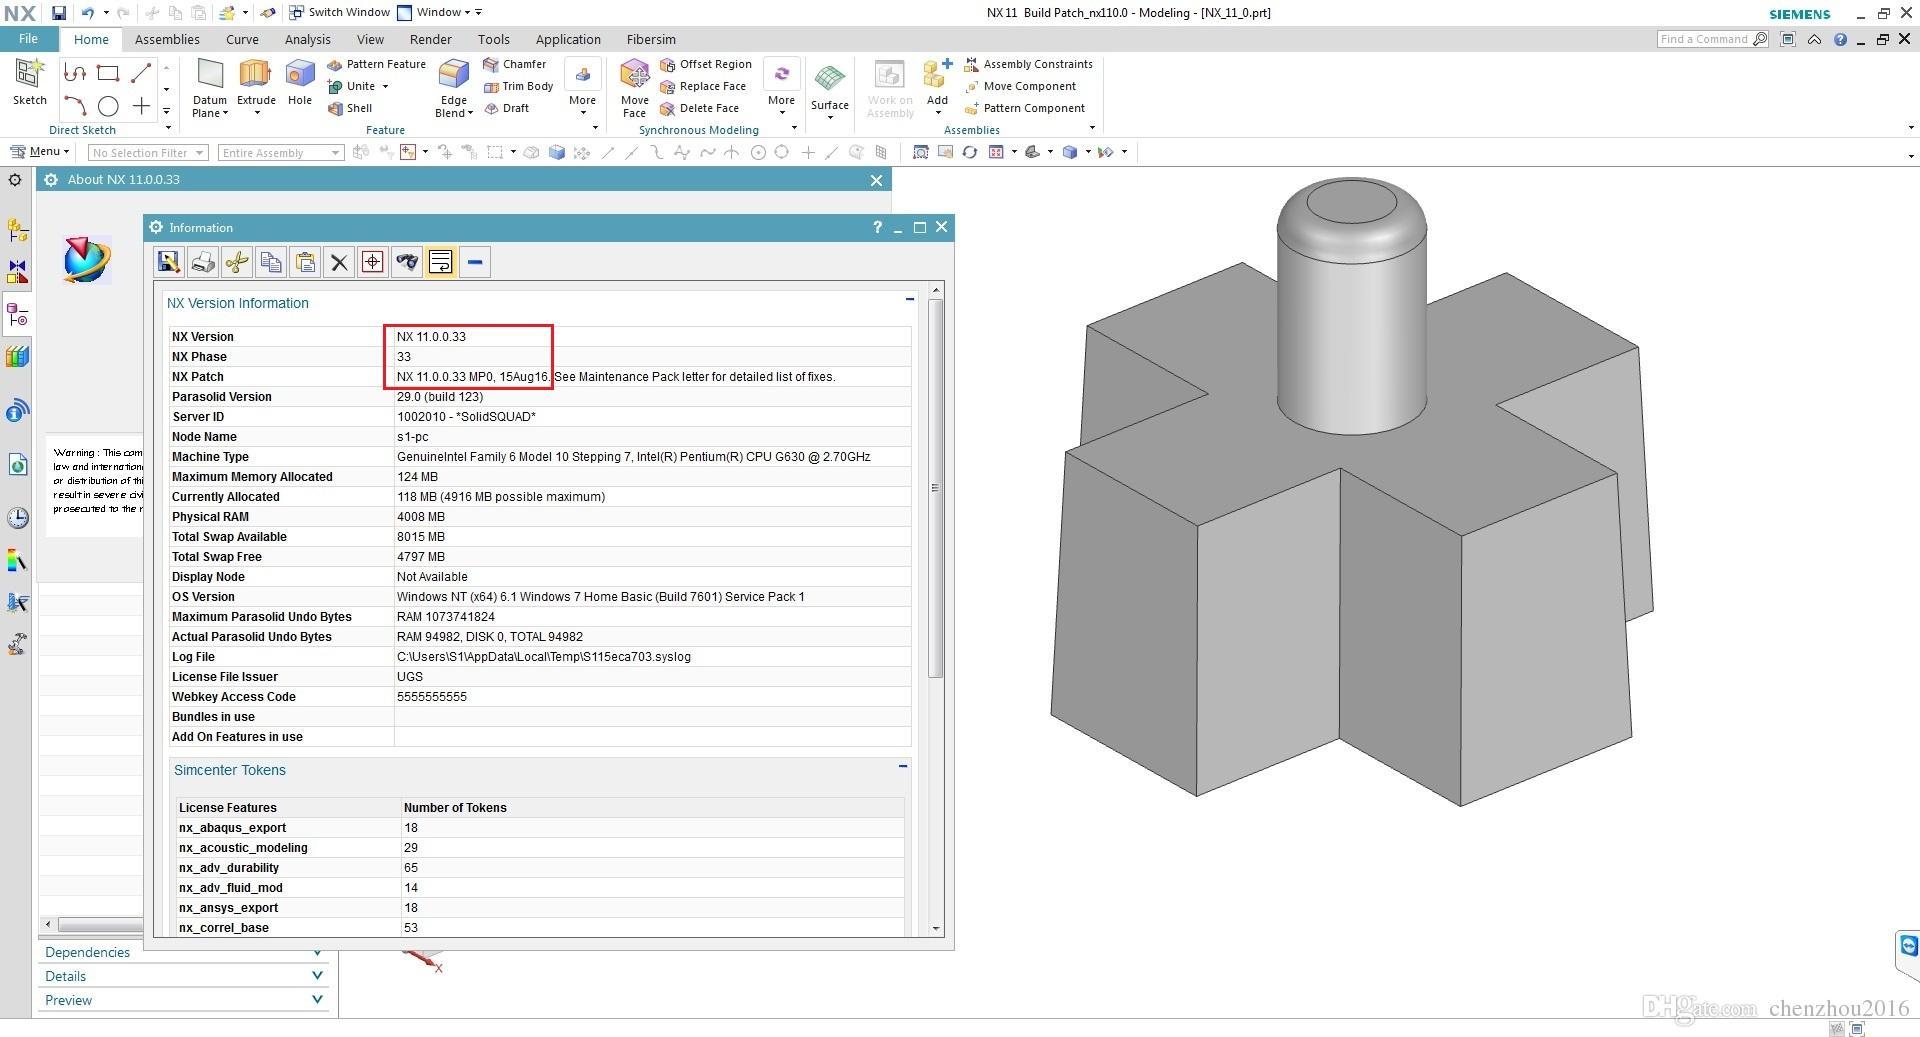 Siemens NX 11 0 Engineering DataBases Die Design, Mold Wizard, EDW, PDW  MULTILANG